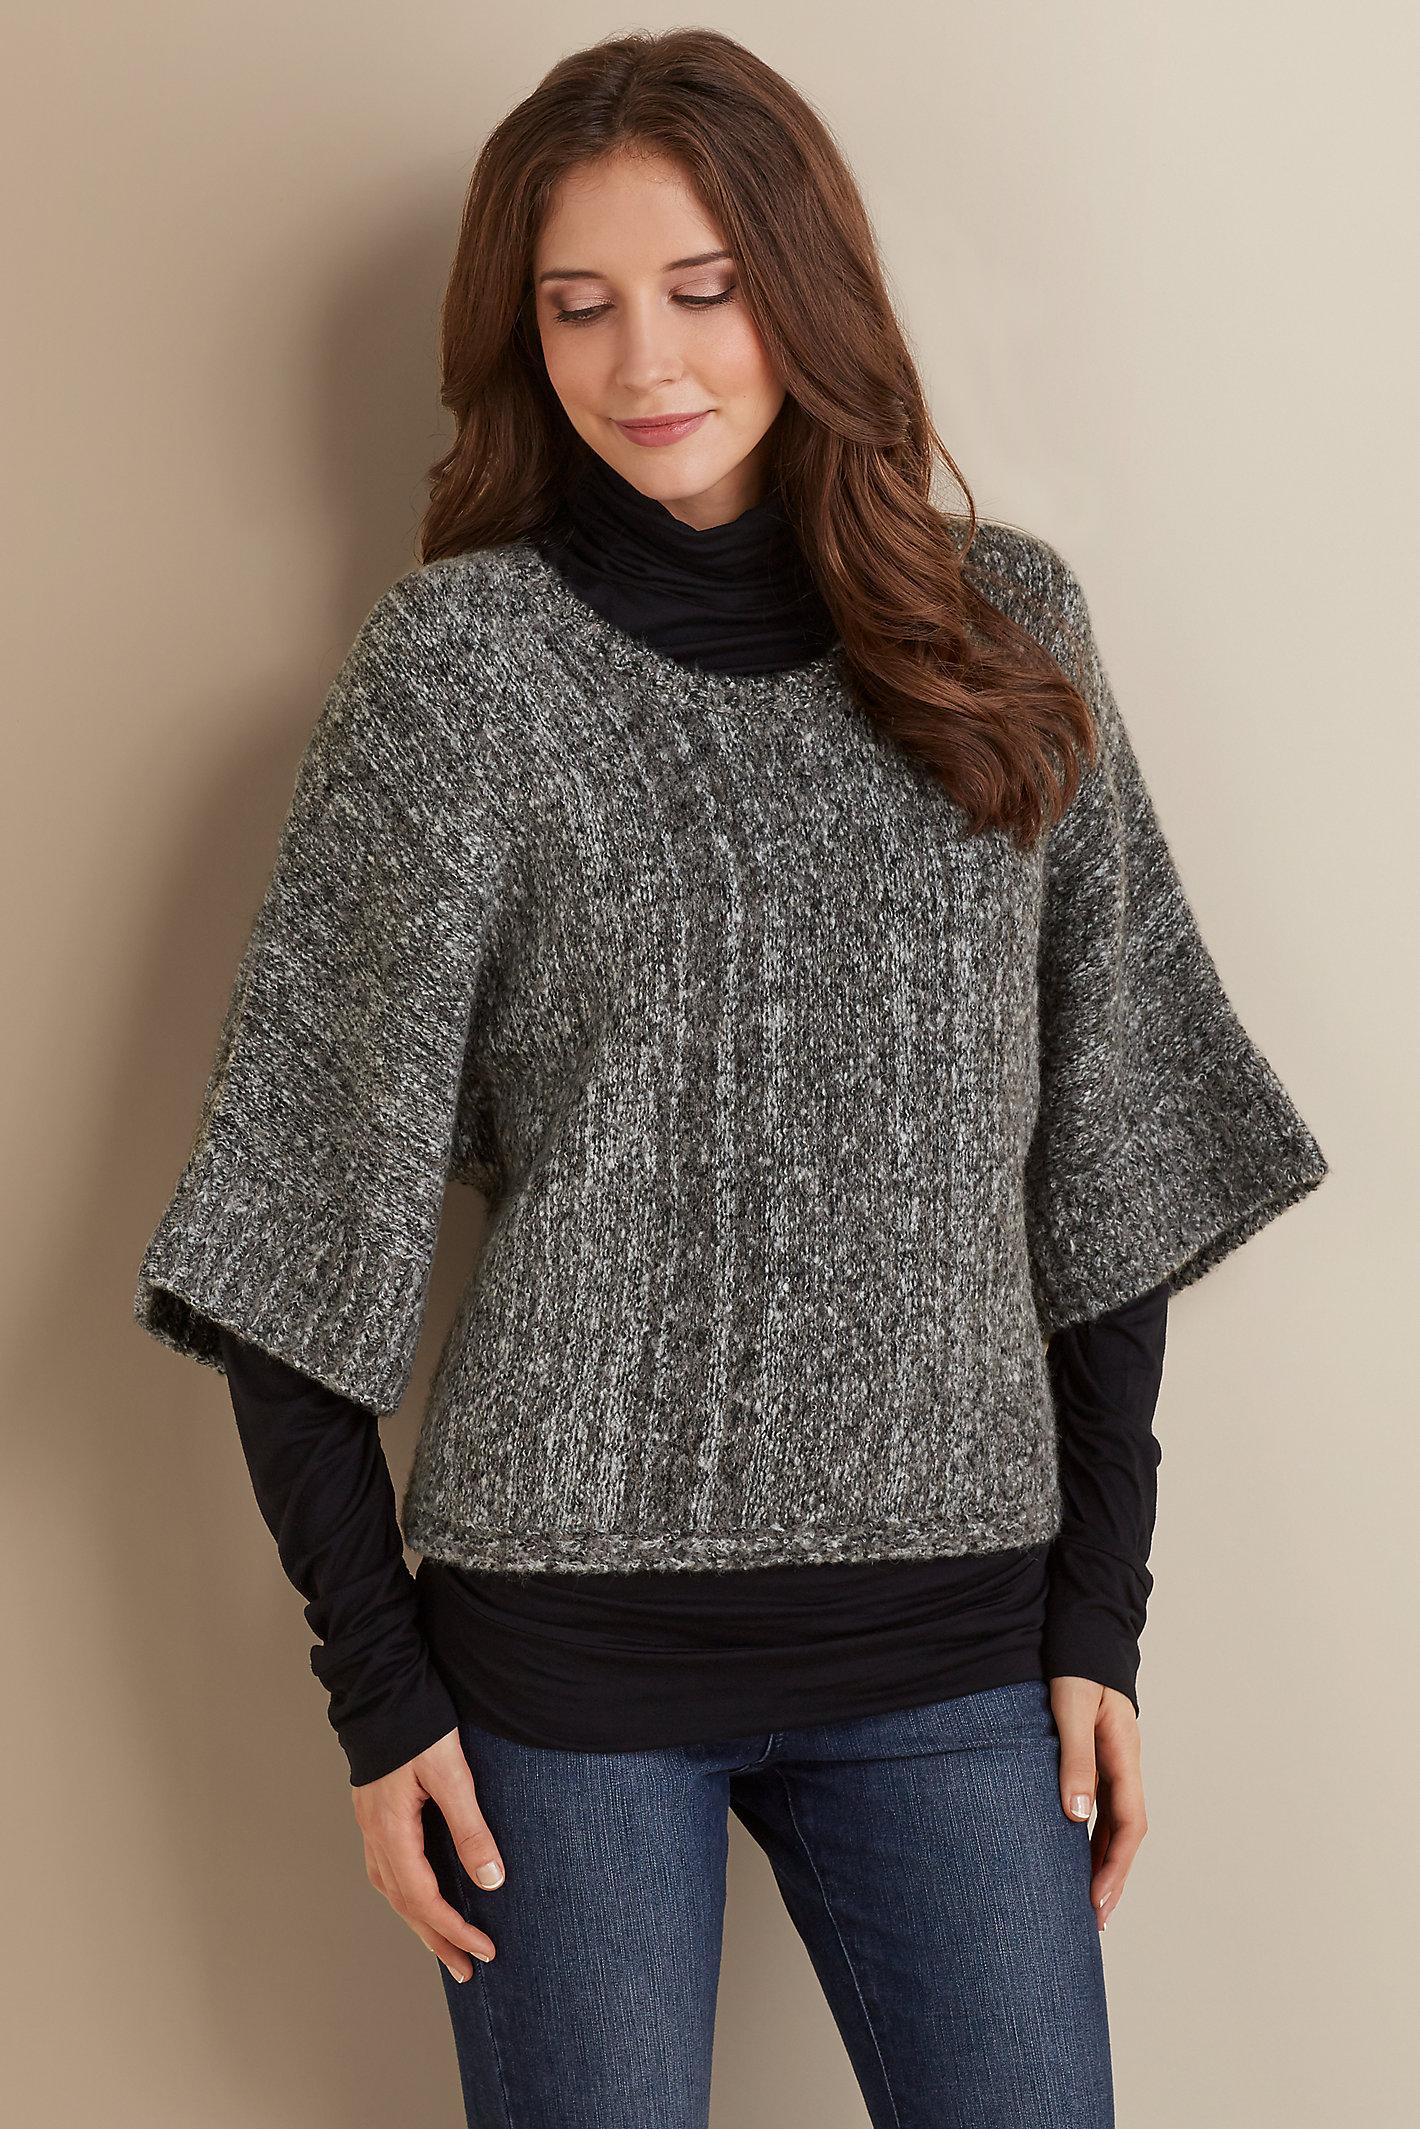 Aberdeen Sweater